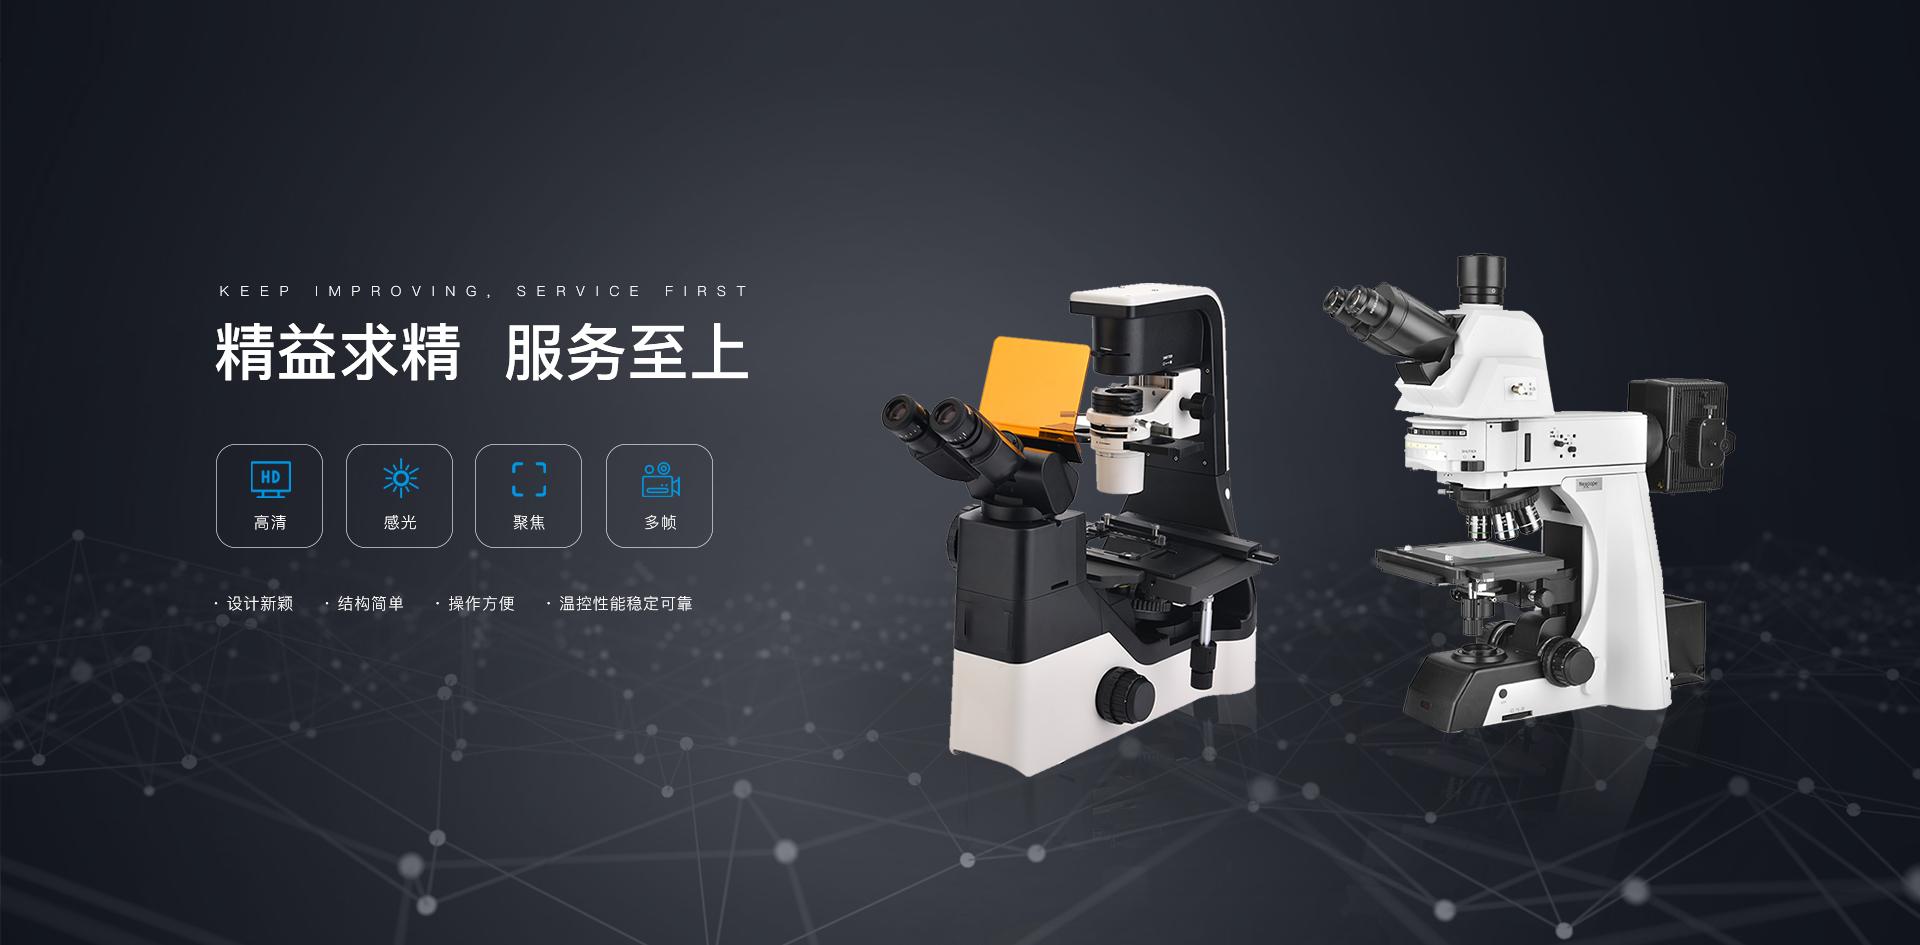 盤點電子顯微鏡的相關信息?